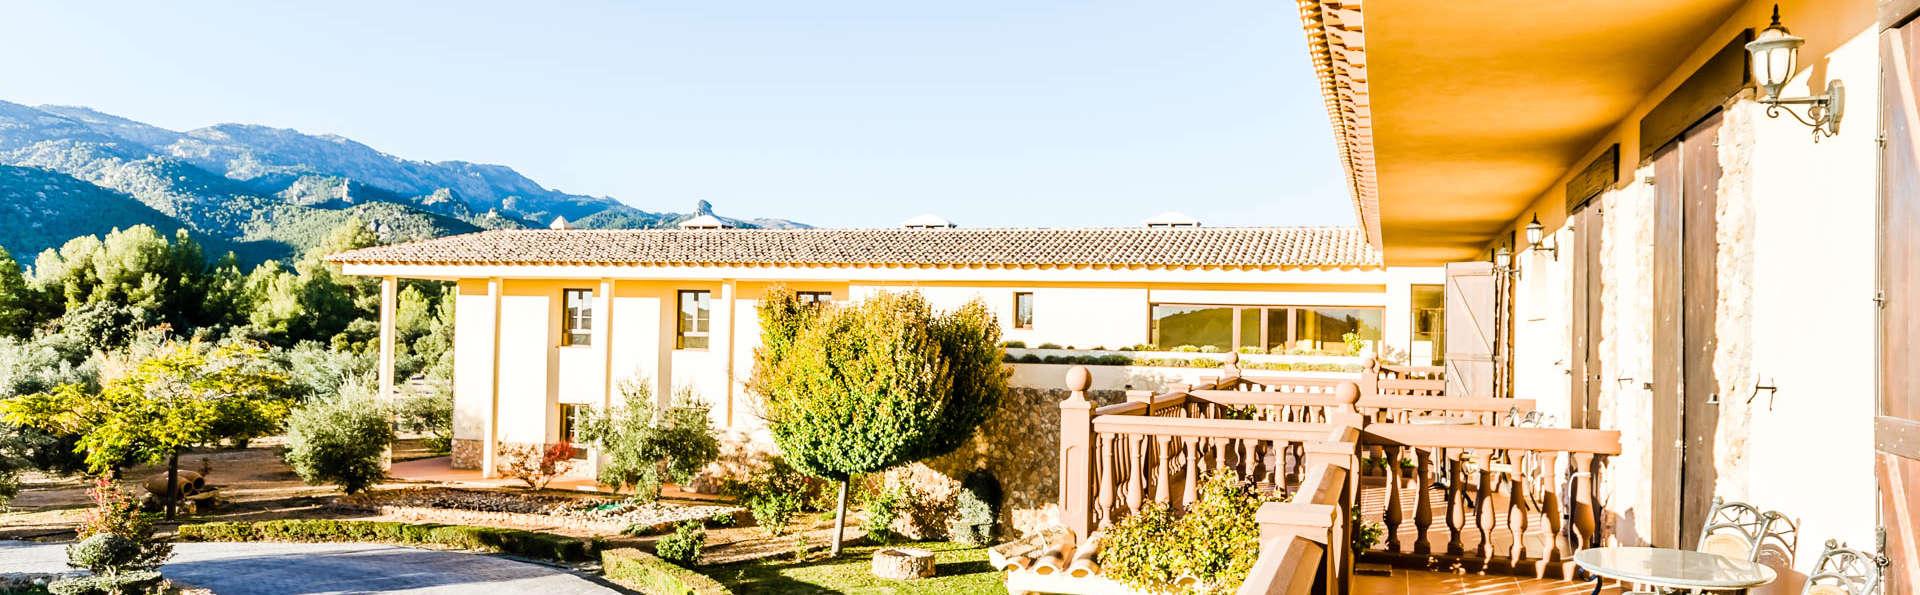 Spécial mini-vacances: Pension complète et spa dans la Sierra de Cazorla (à partir de 3nuits)